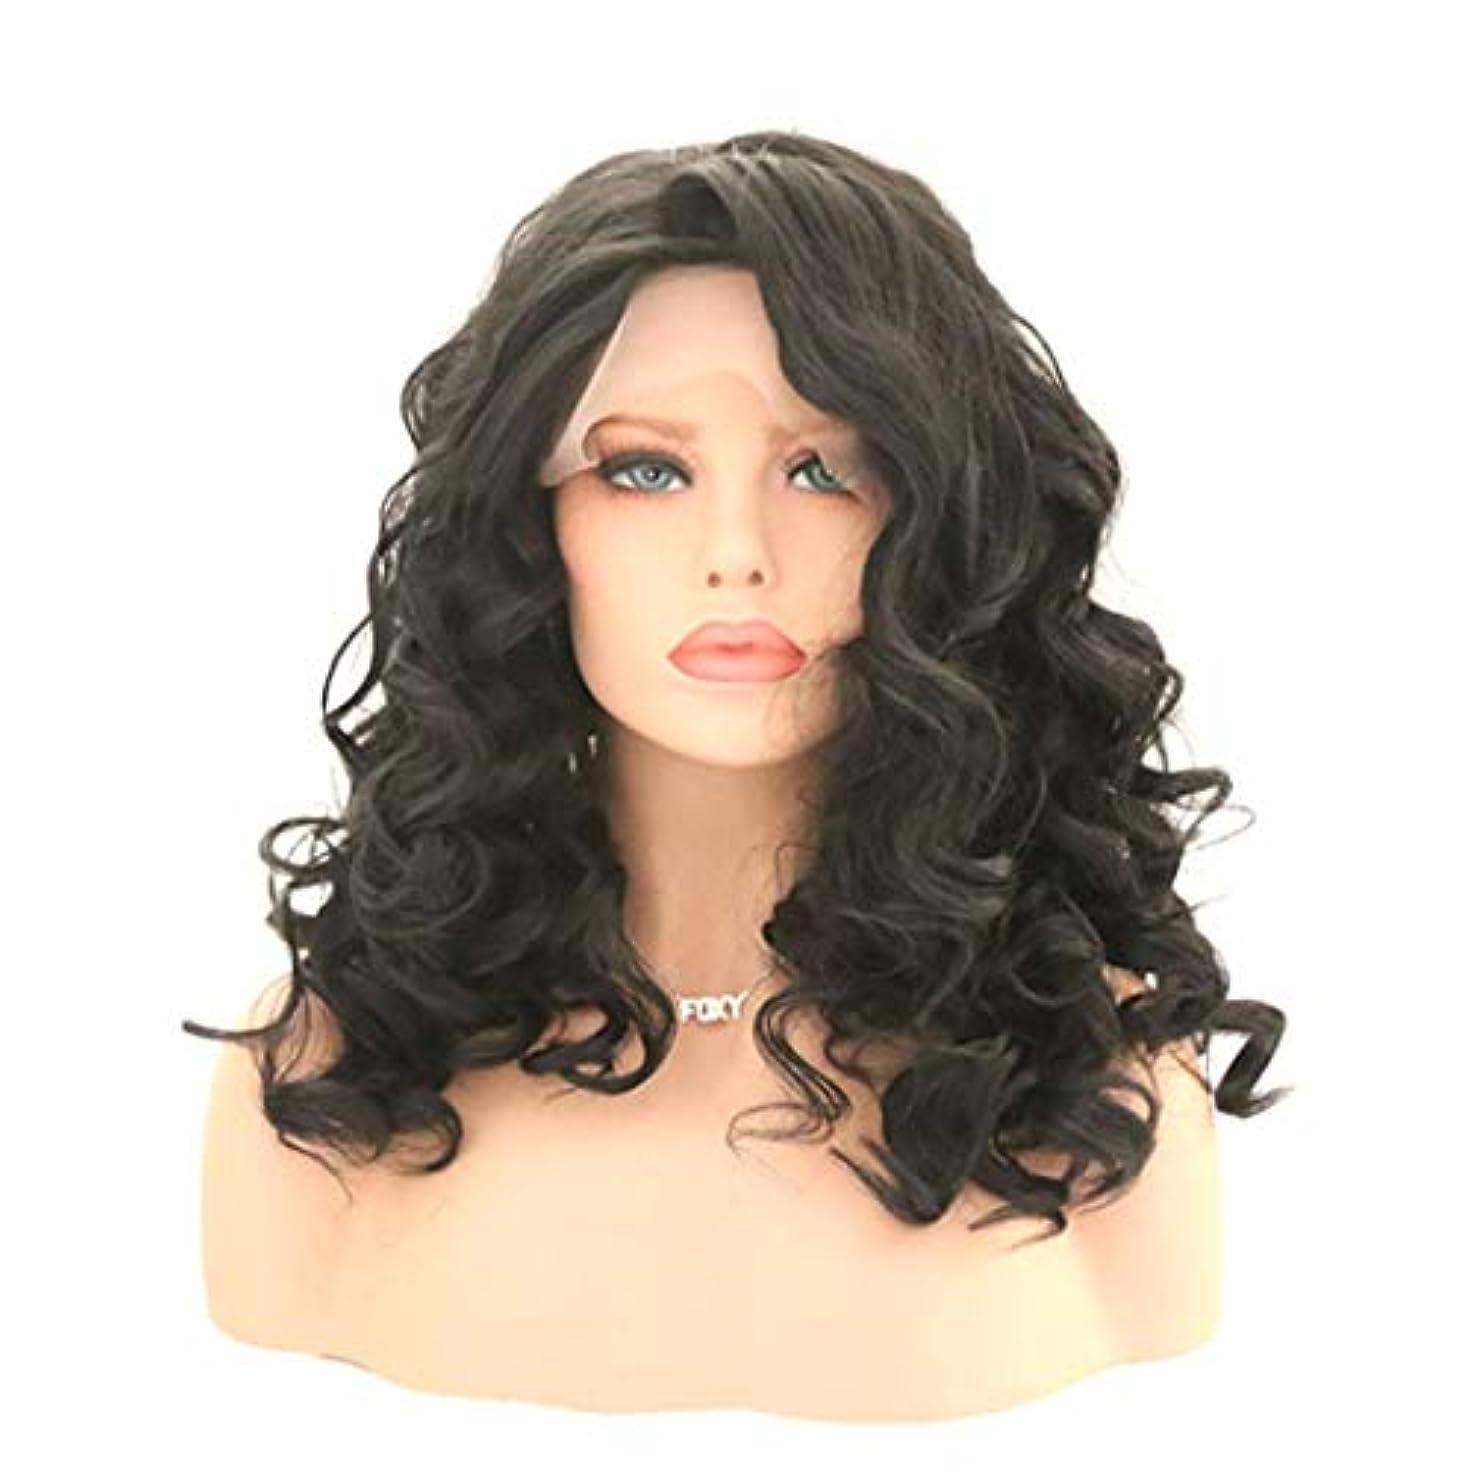 パステル偽造ペレットKerwinner 女性のためのカーリー波状かつら前髪付きかつら人工毛髪かつら自然なかつら (Size : 22 inches)